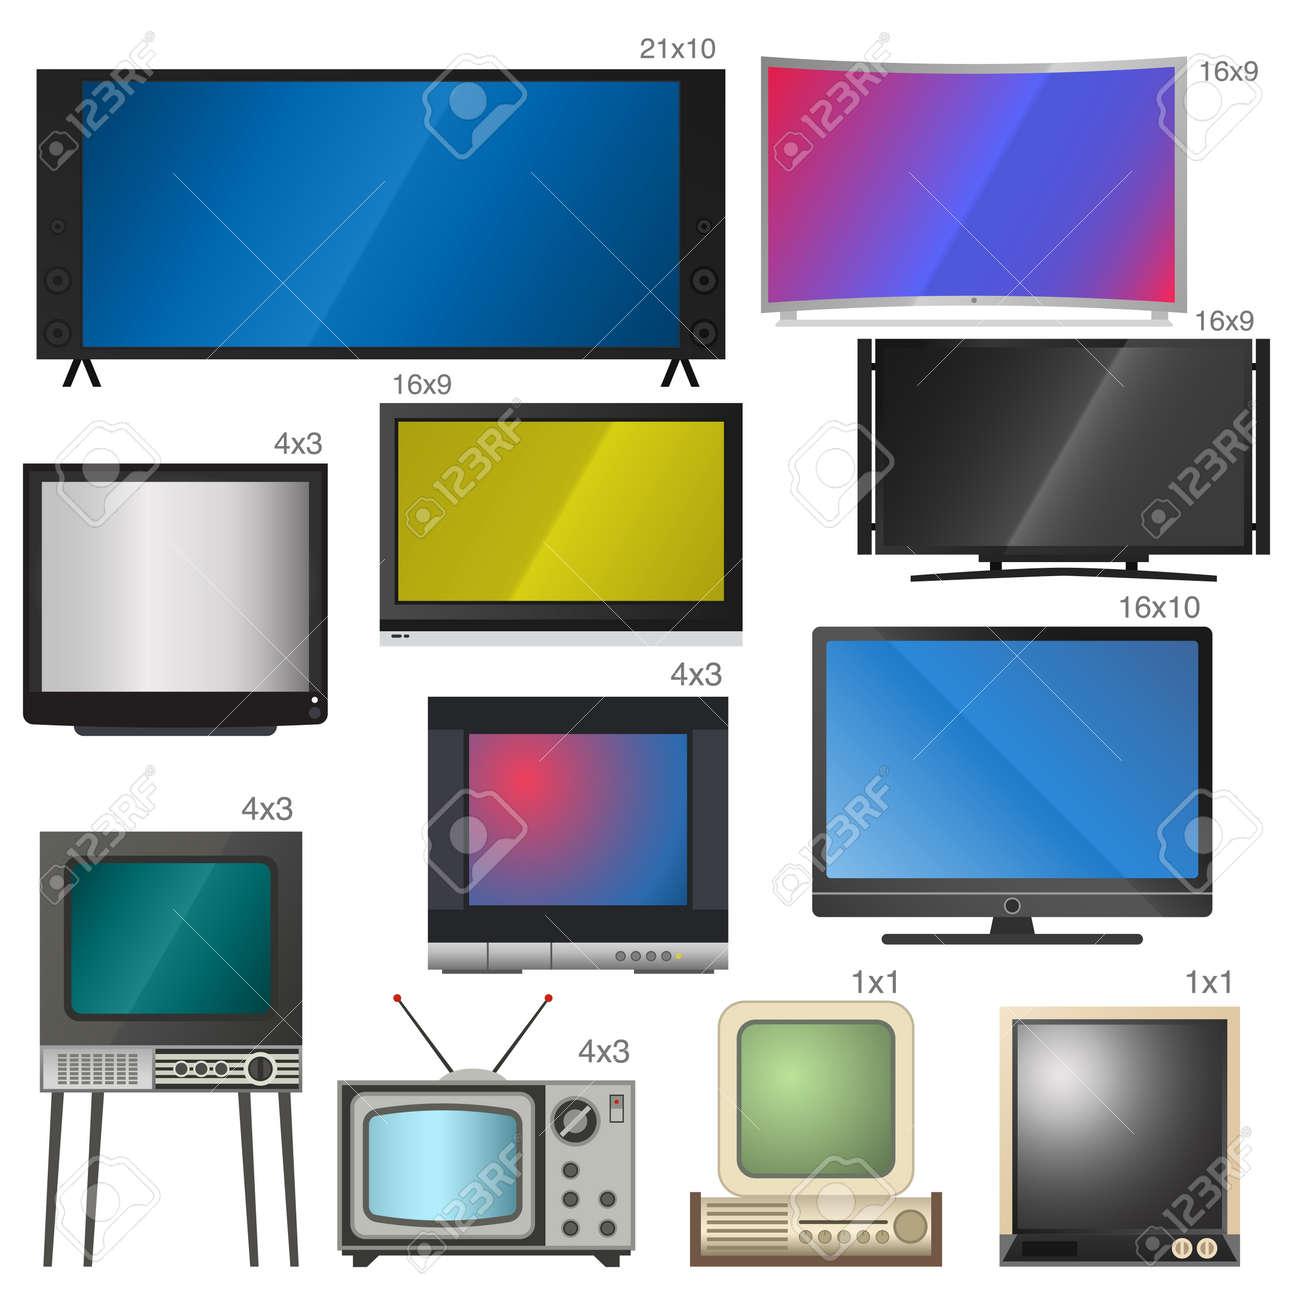 Gemütlich Tv Vorlagen Zeitgenössisch - Beispielzusammenfassung Ideen ...